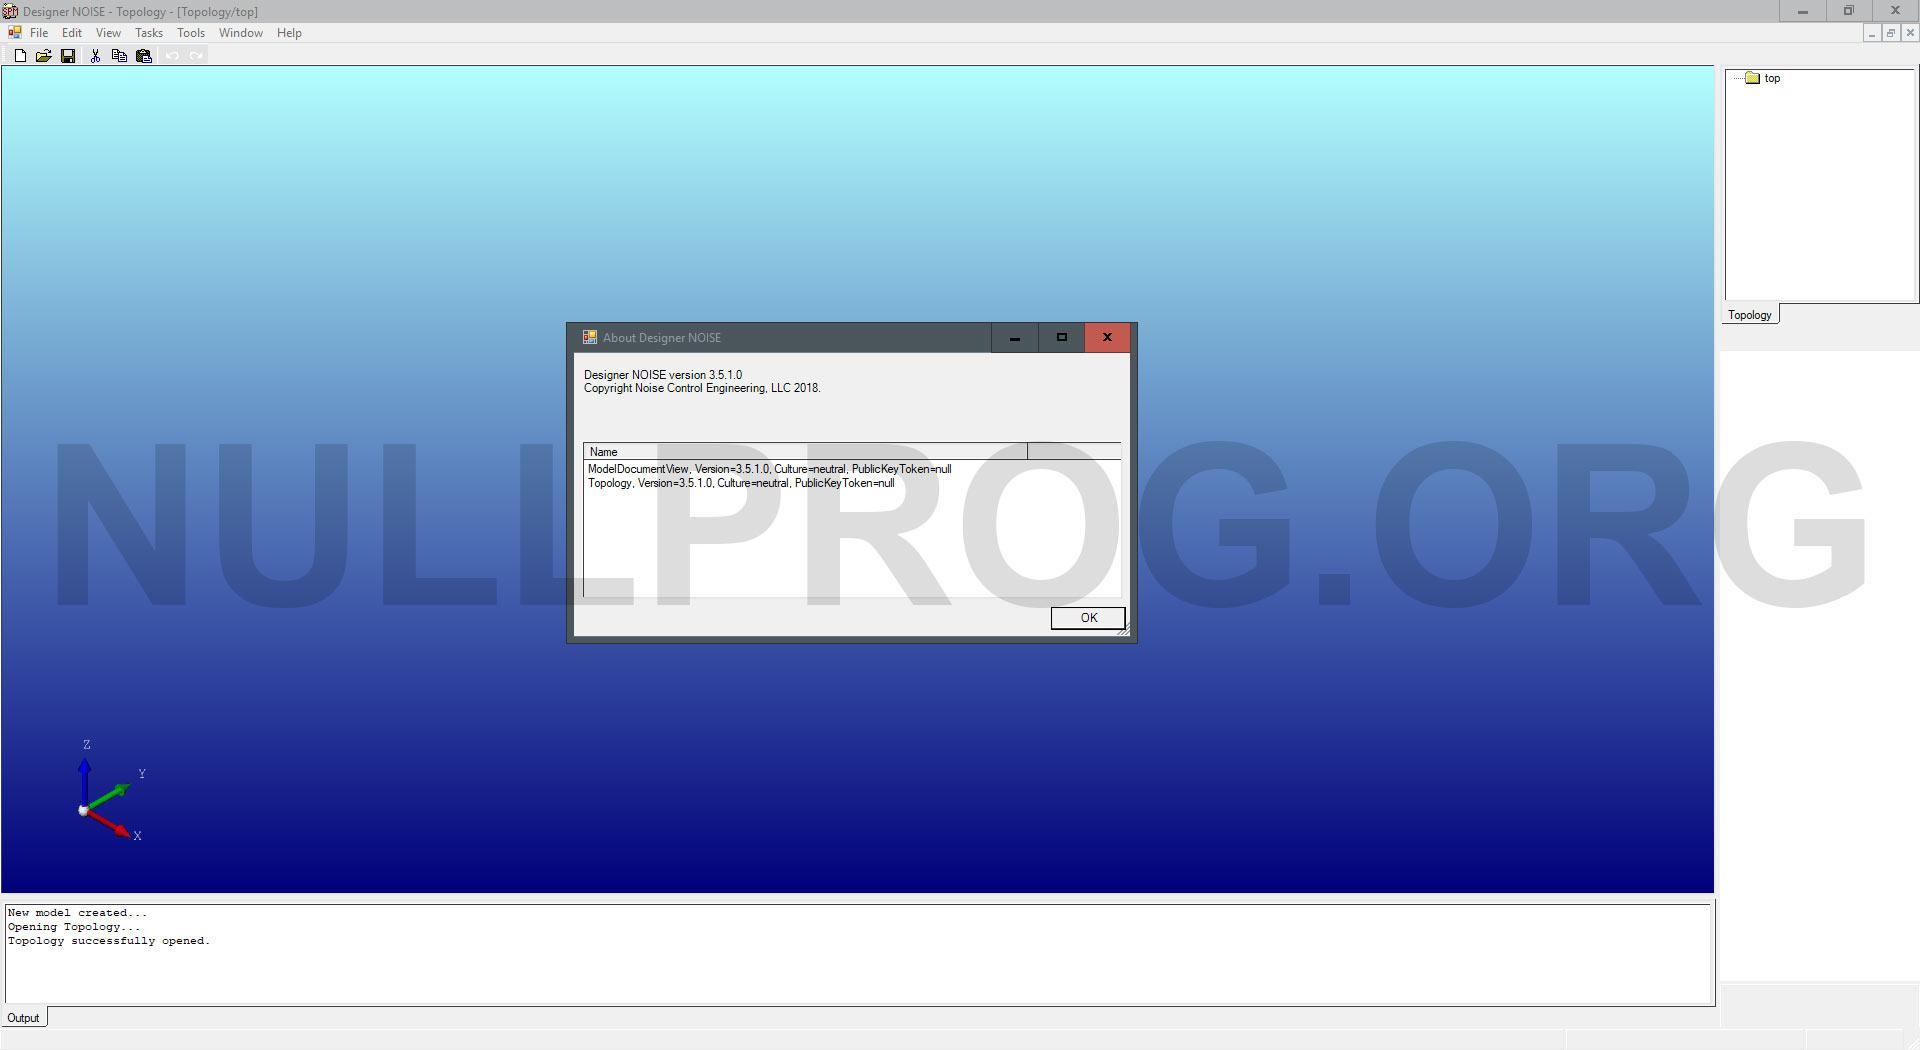 Designer-NOISE Crack Download